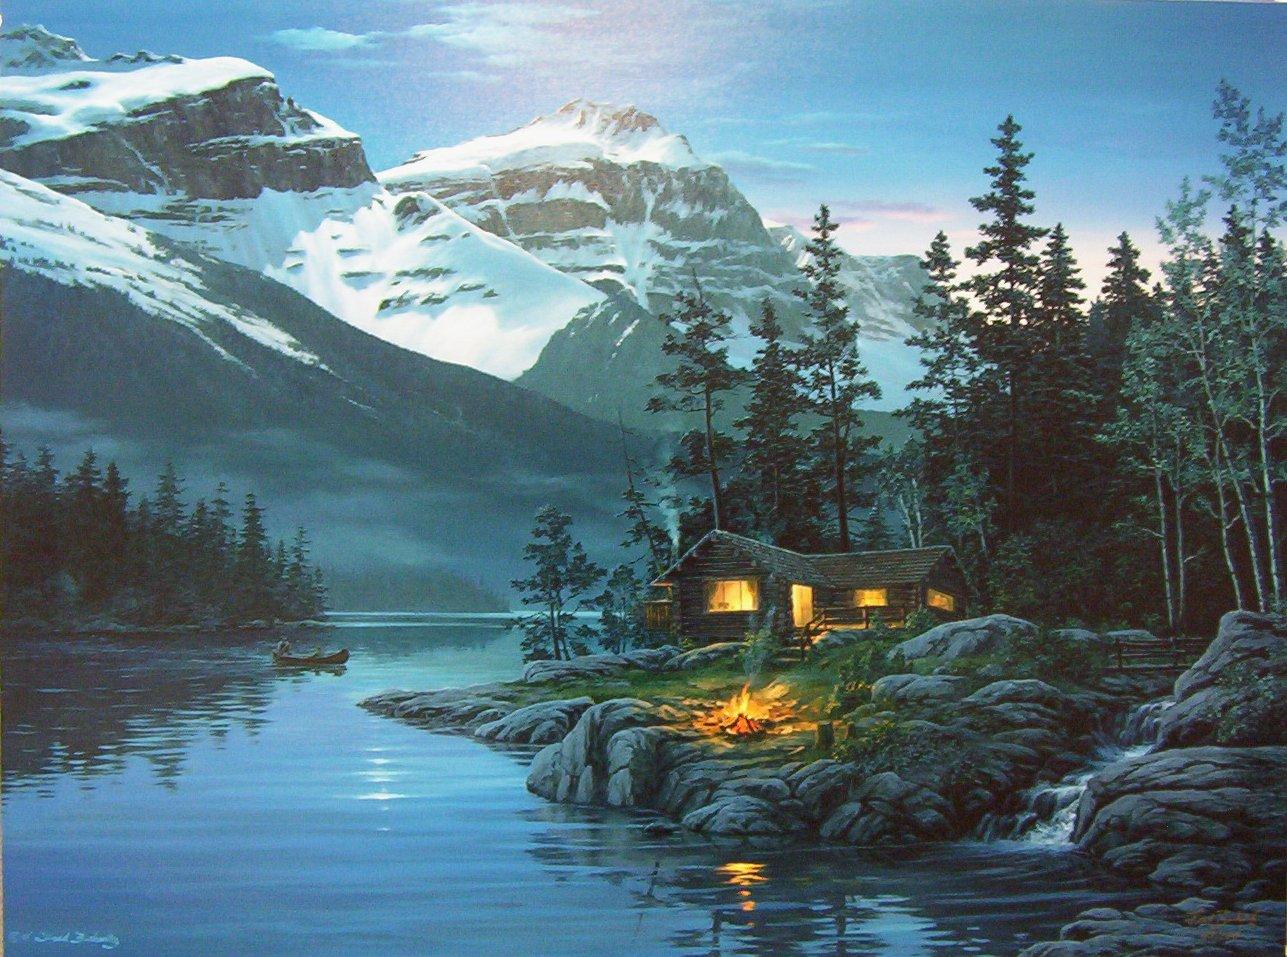 rocky mountain creek wallpaper - photo #37